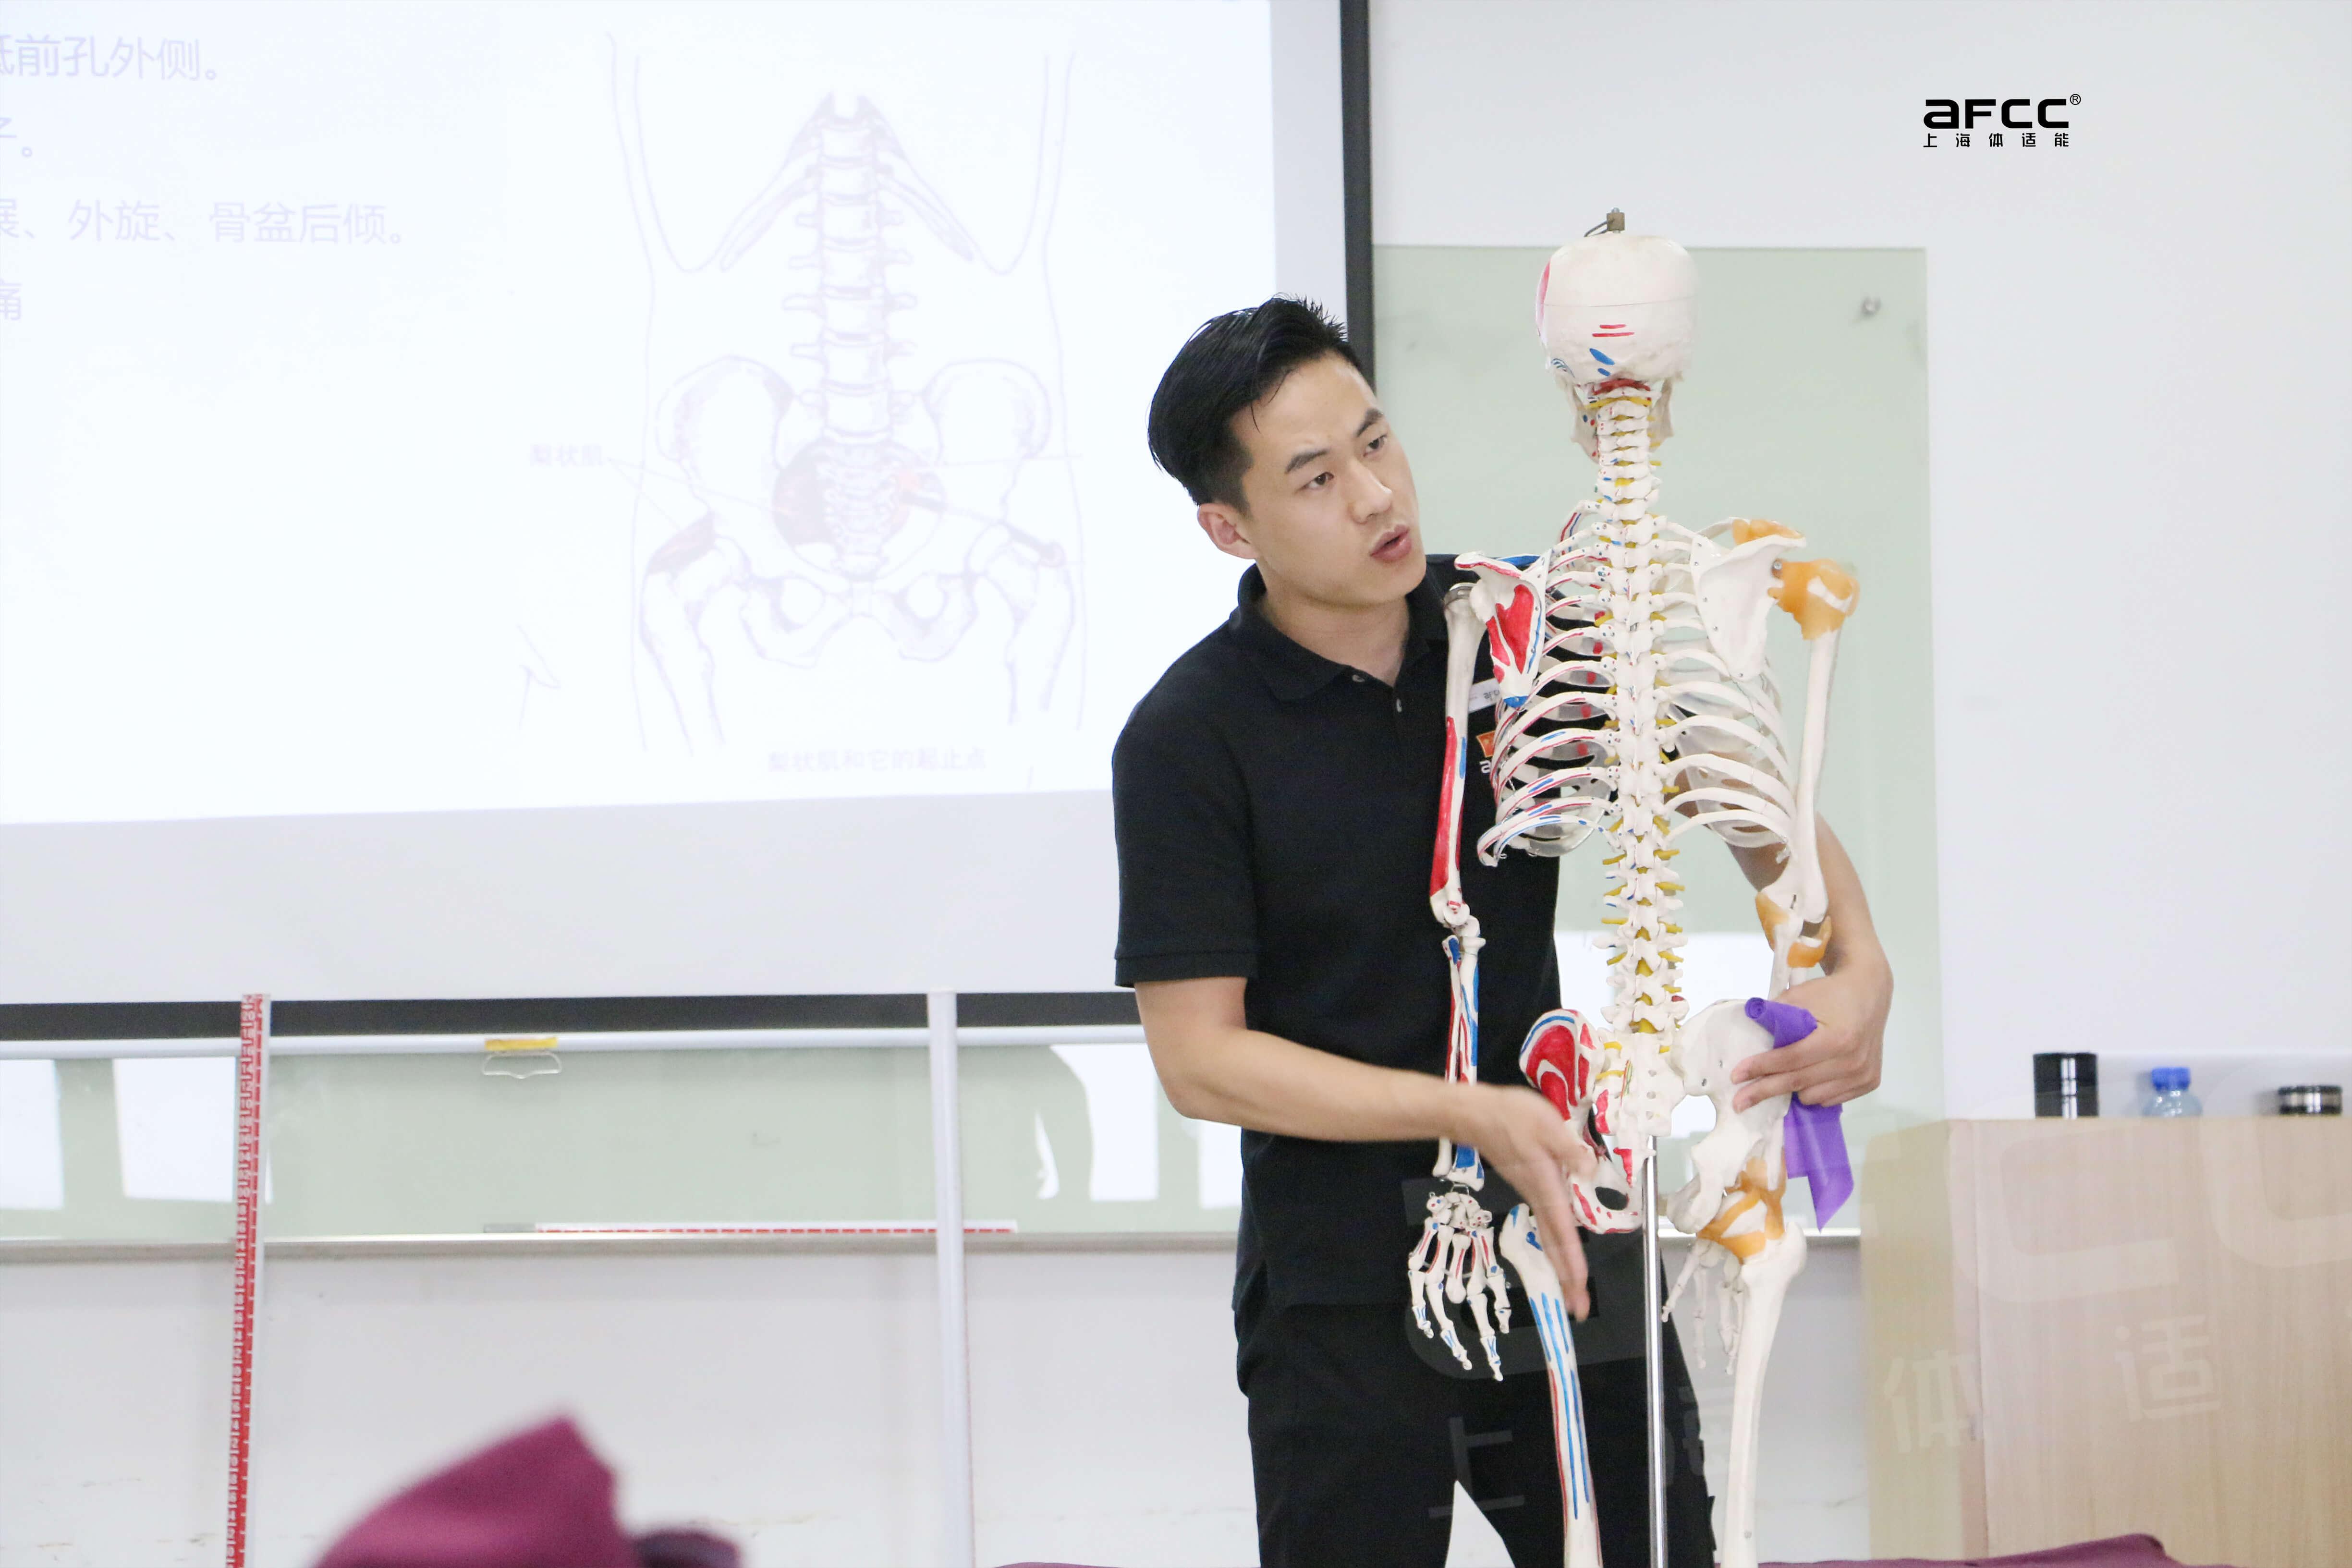 胸肩肌肉群拉伸评估,针对肩关节疼痛伴活动度受限,冻结肩,四十肩,肩袖综合征等